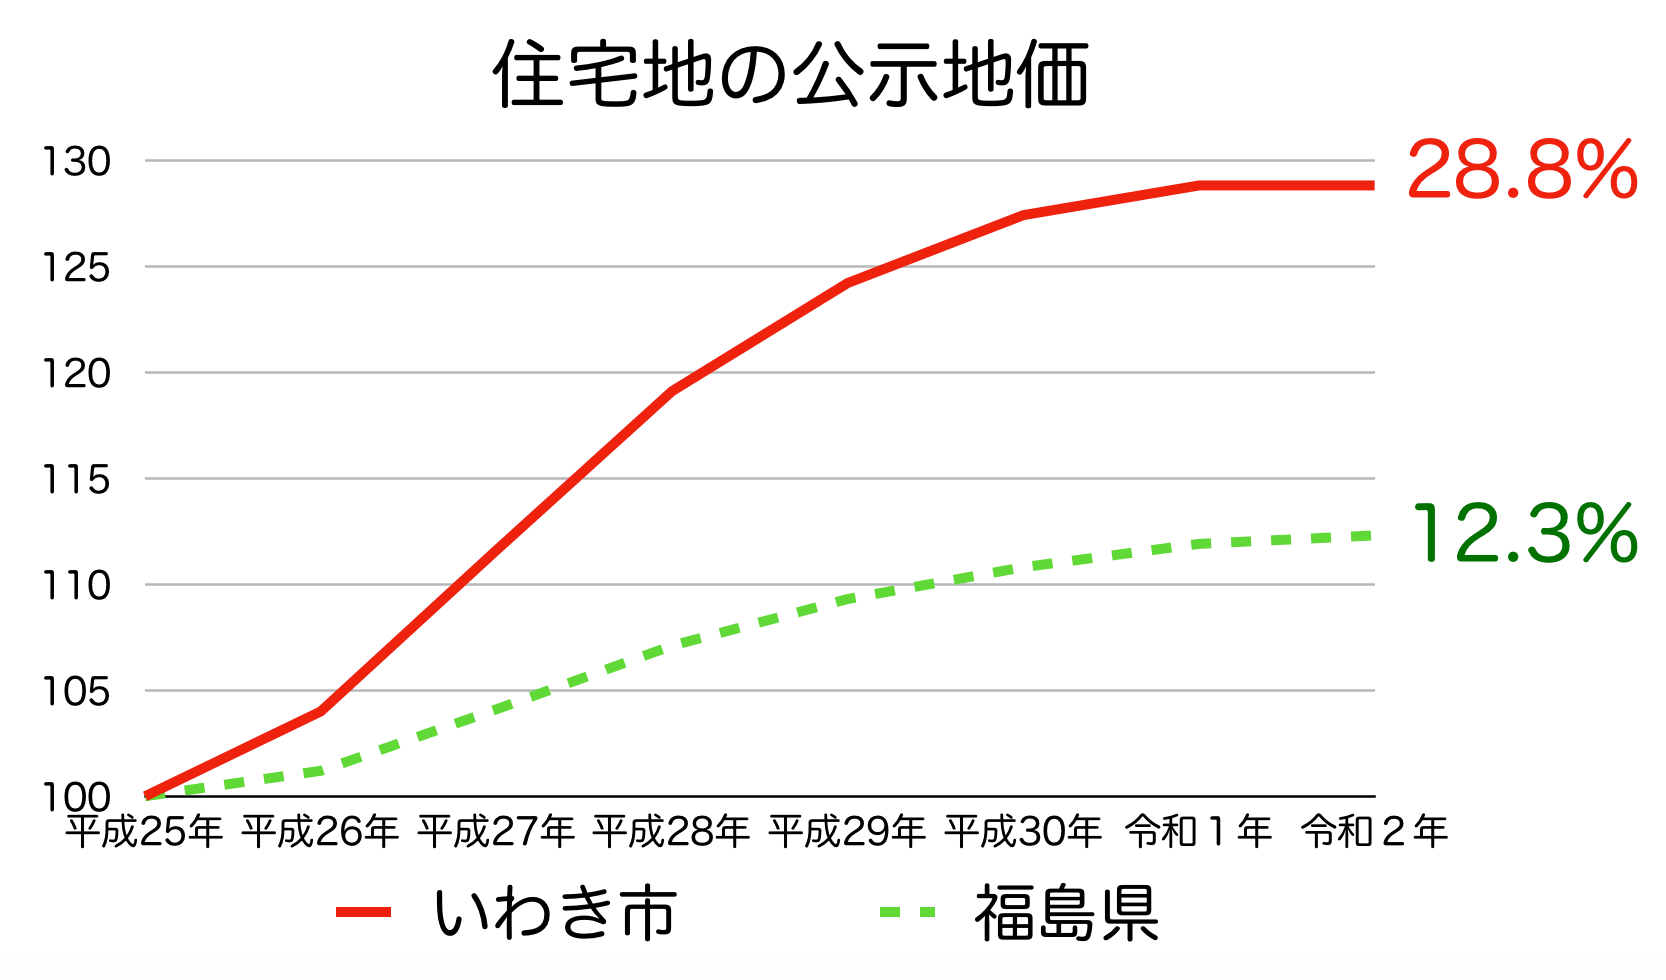 いわき市の公示地価の推移(令和2年)